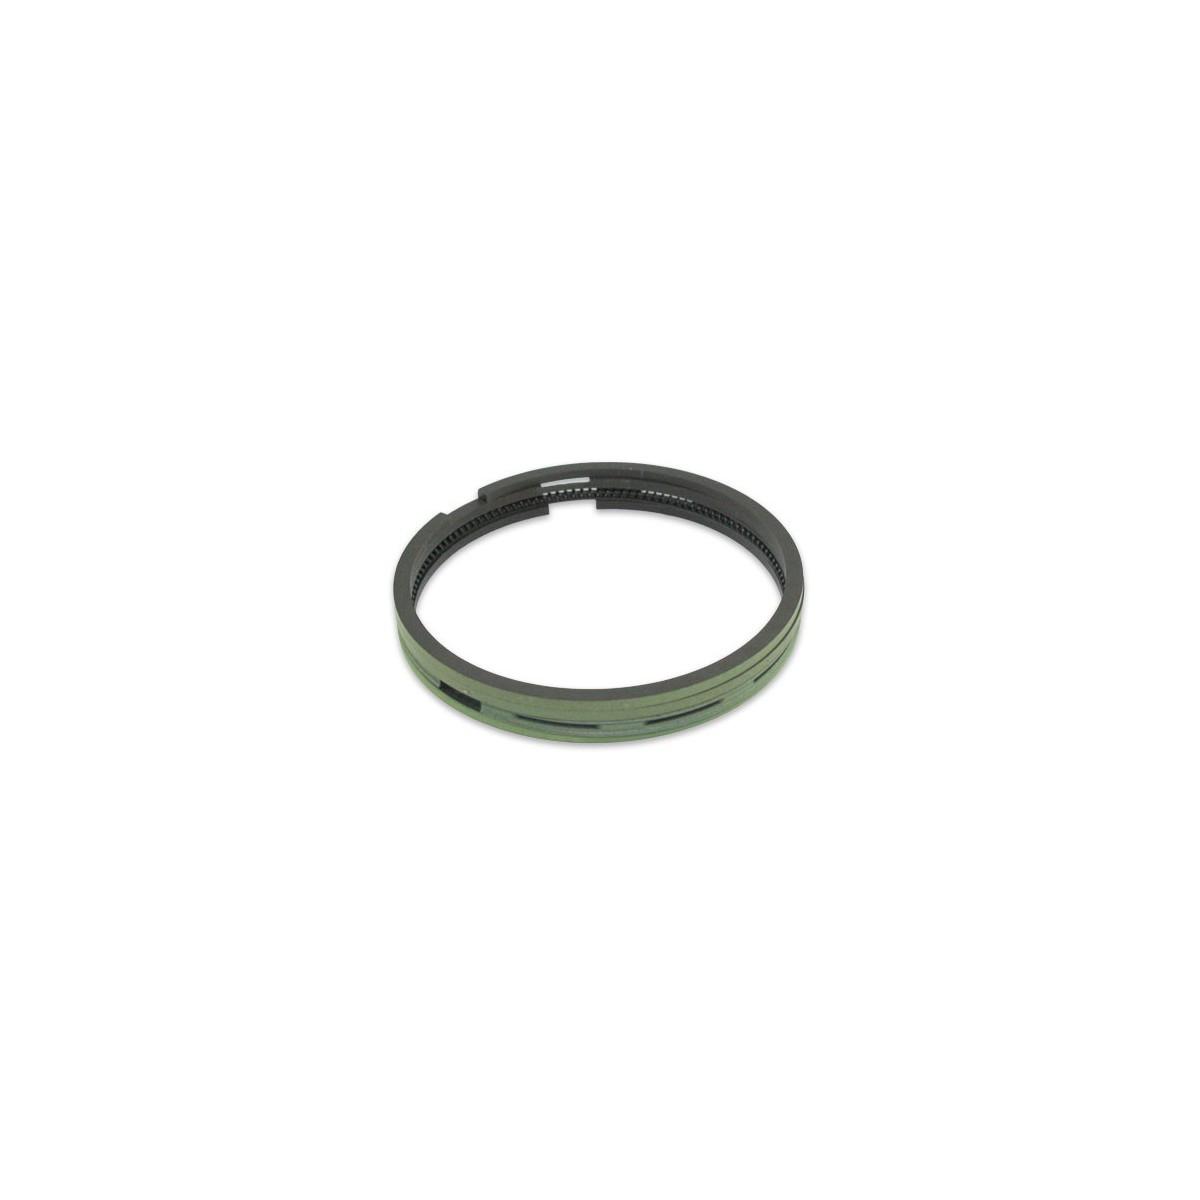 Piston Ring Set Yanmar YM2210 724763-22500  90  2.5 x 2.5 x 2.5 x 4 STD